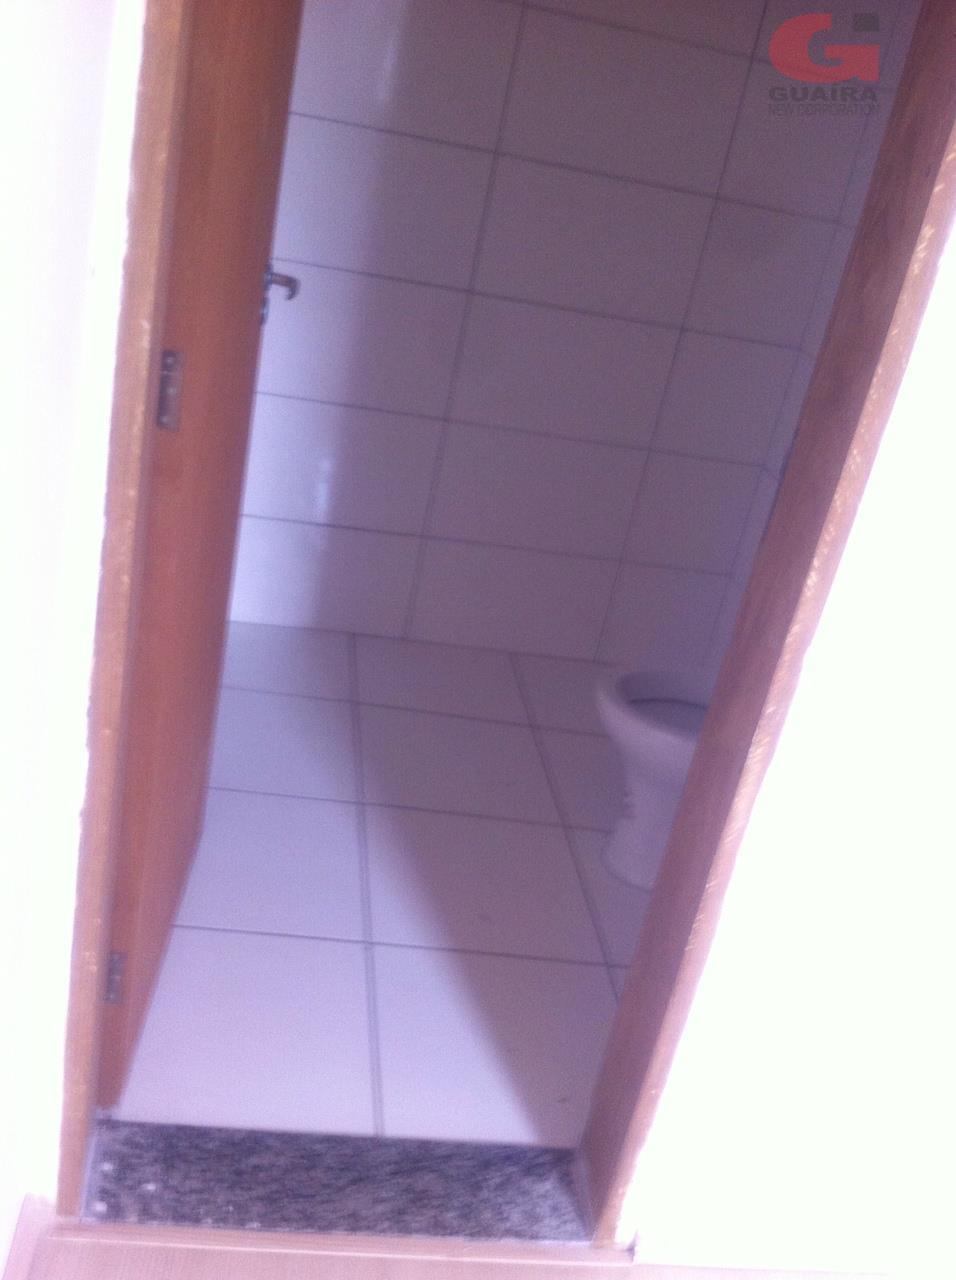 Sobrado de 2 dormitórios à venda em Vila Valparaíso, Santo André - SP